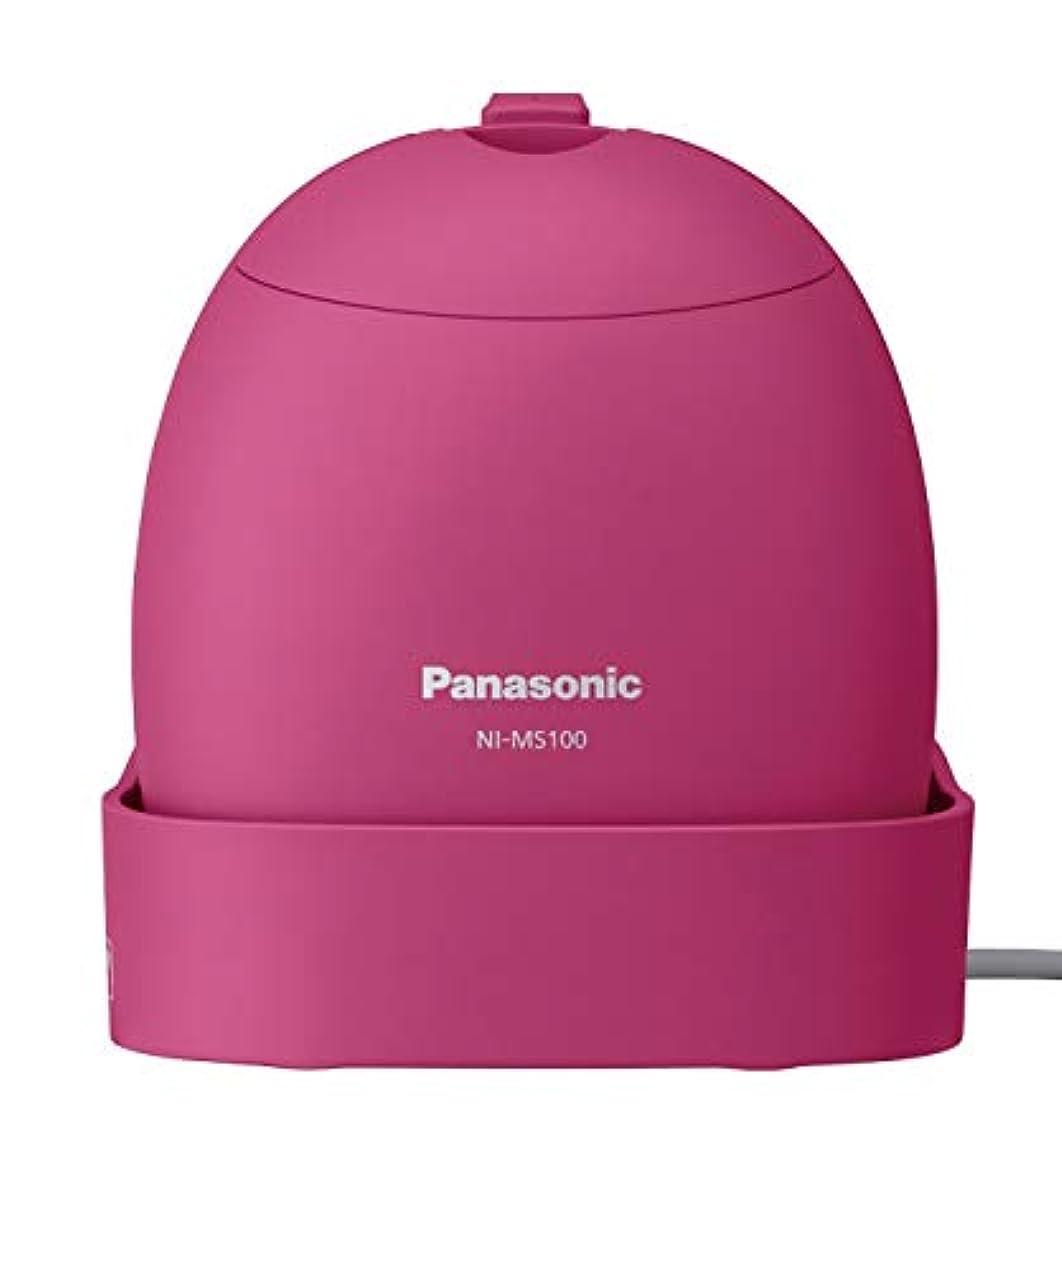 ずらすマグ降ろすパナソニック 衣類スチーマー モバイル 軽量コンパクトモデル ビビッドピンク NI-MS100-VP